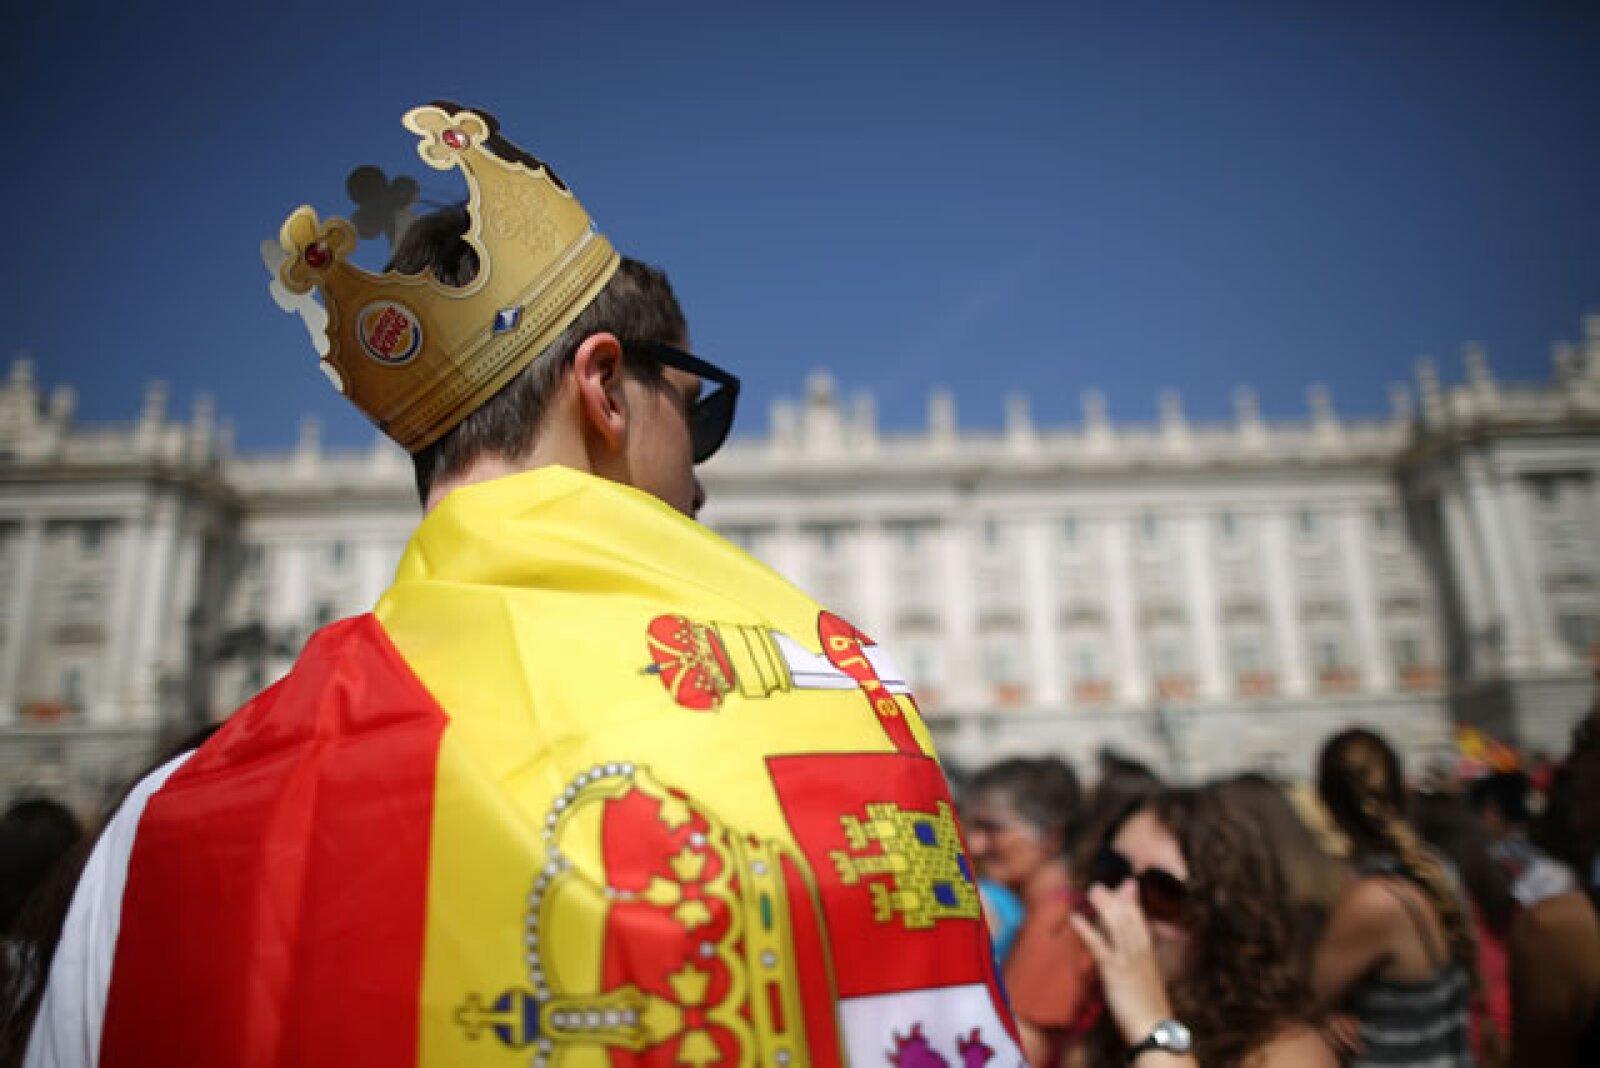 El pueblo español muestra su apoyo al nuevo rey.